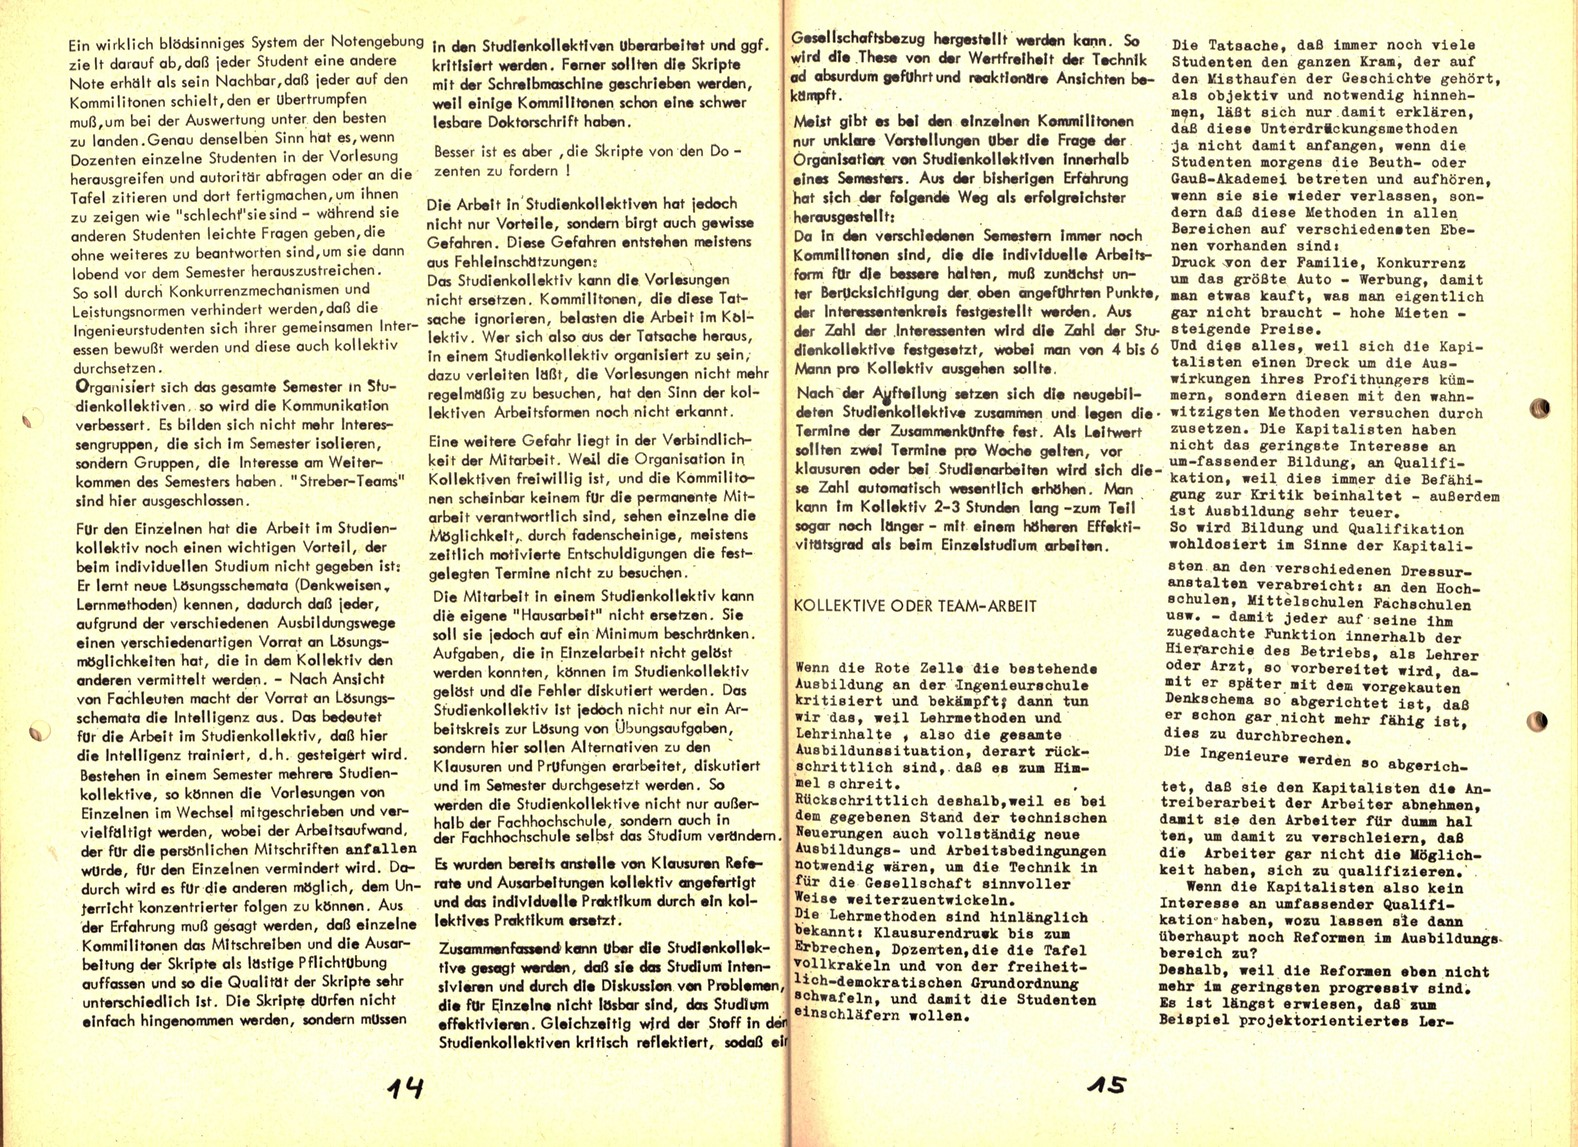 Berlin_Rotzing_1971_Kampfbericht_08